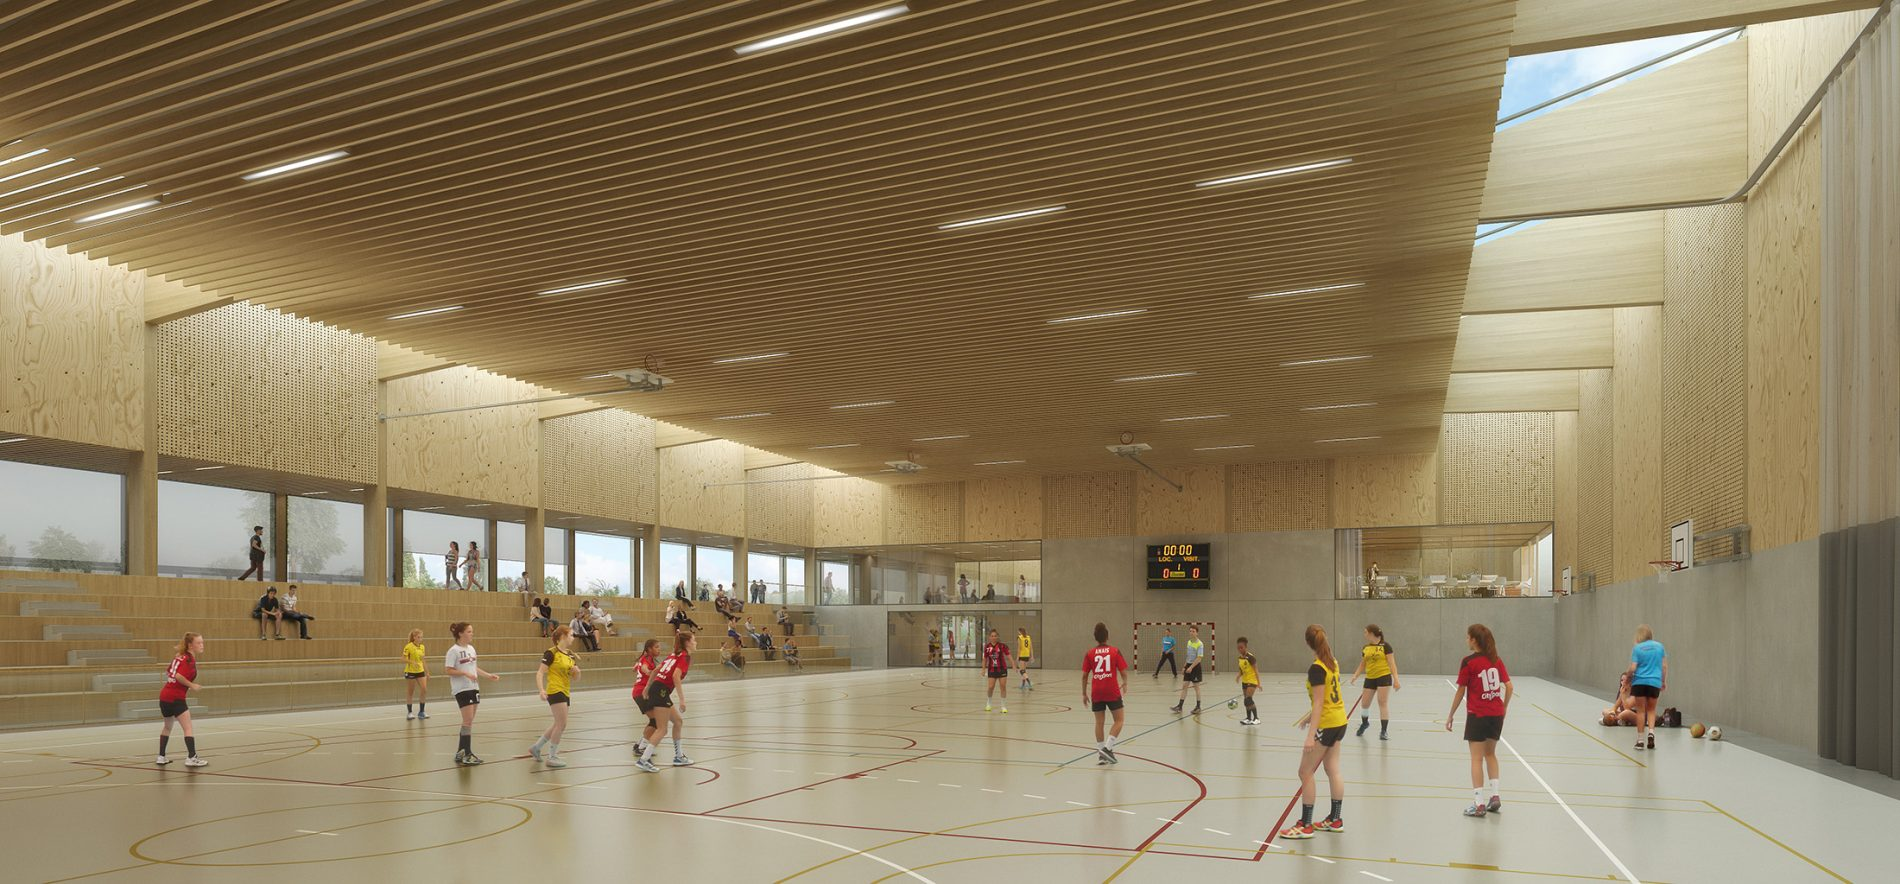 Image du concours d'architecture d'un gymnase moderne tout en bois